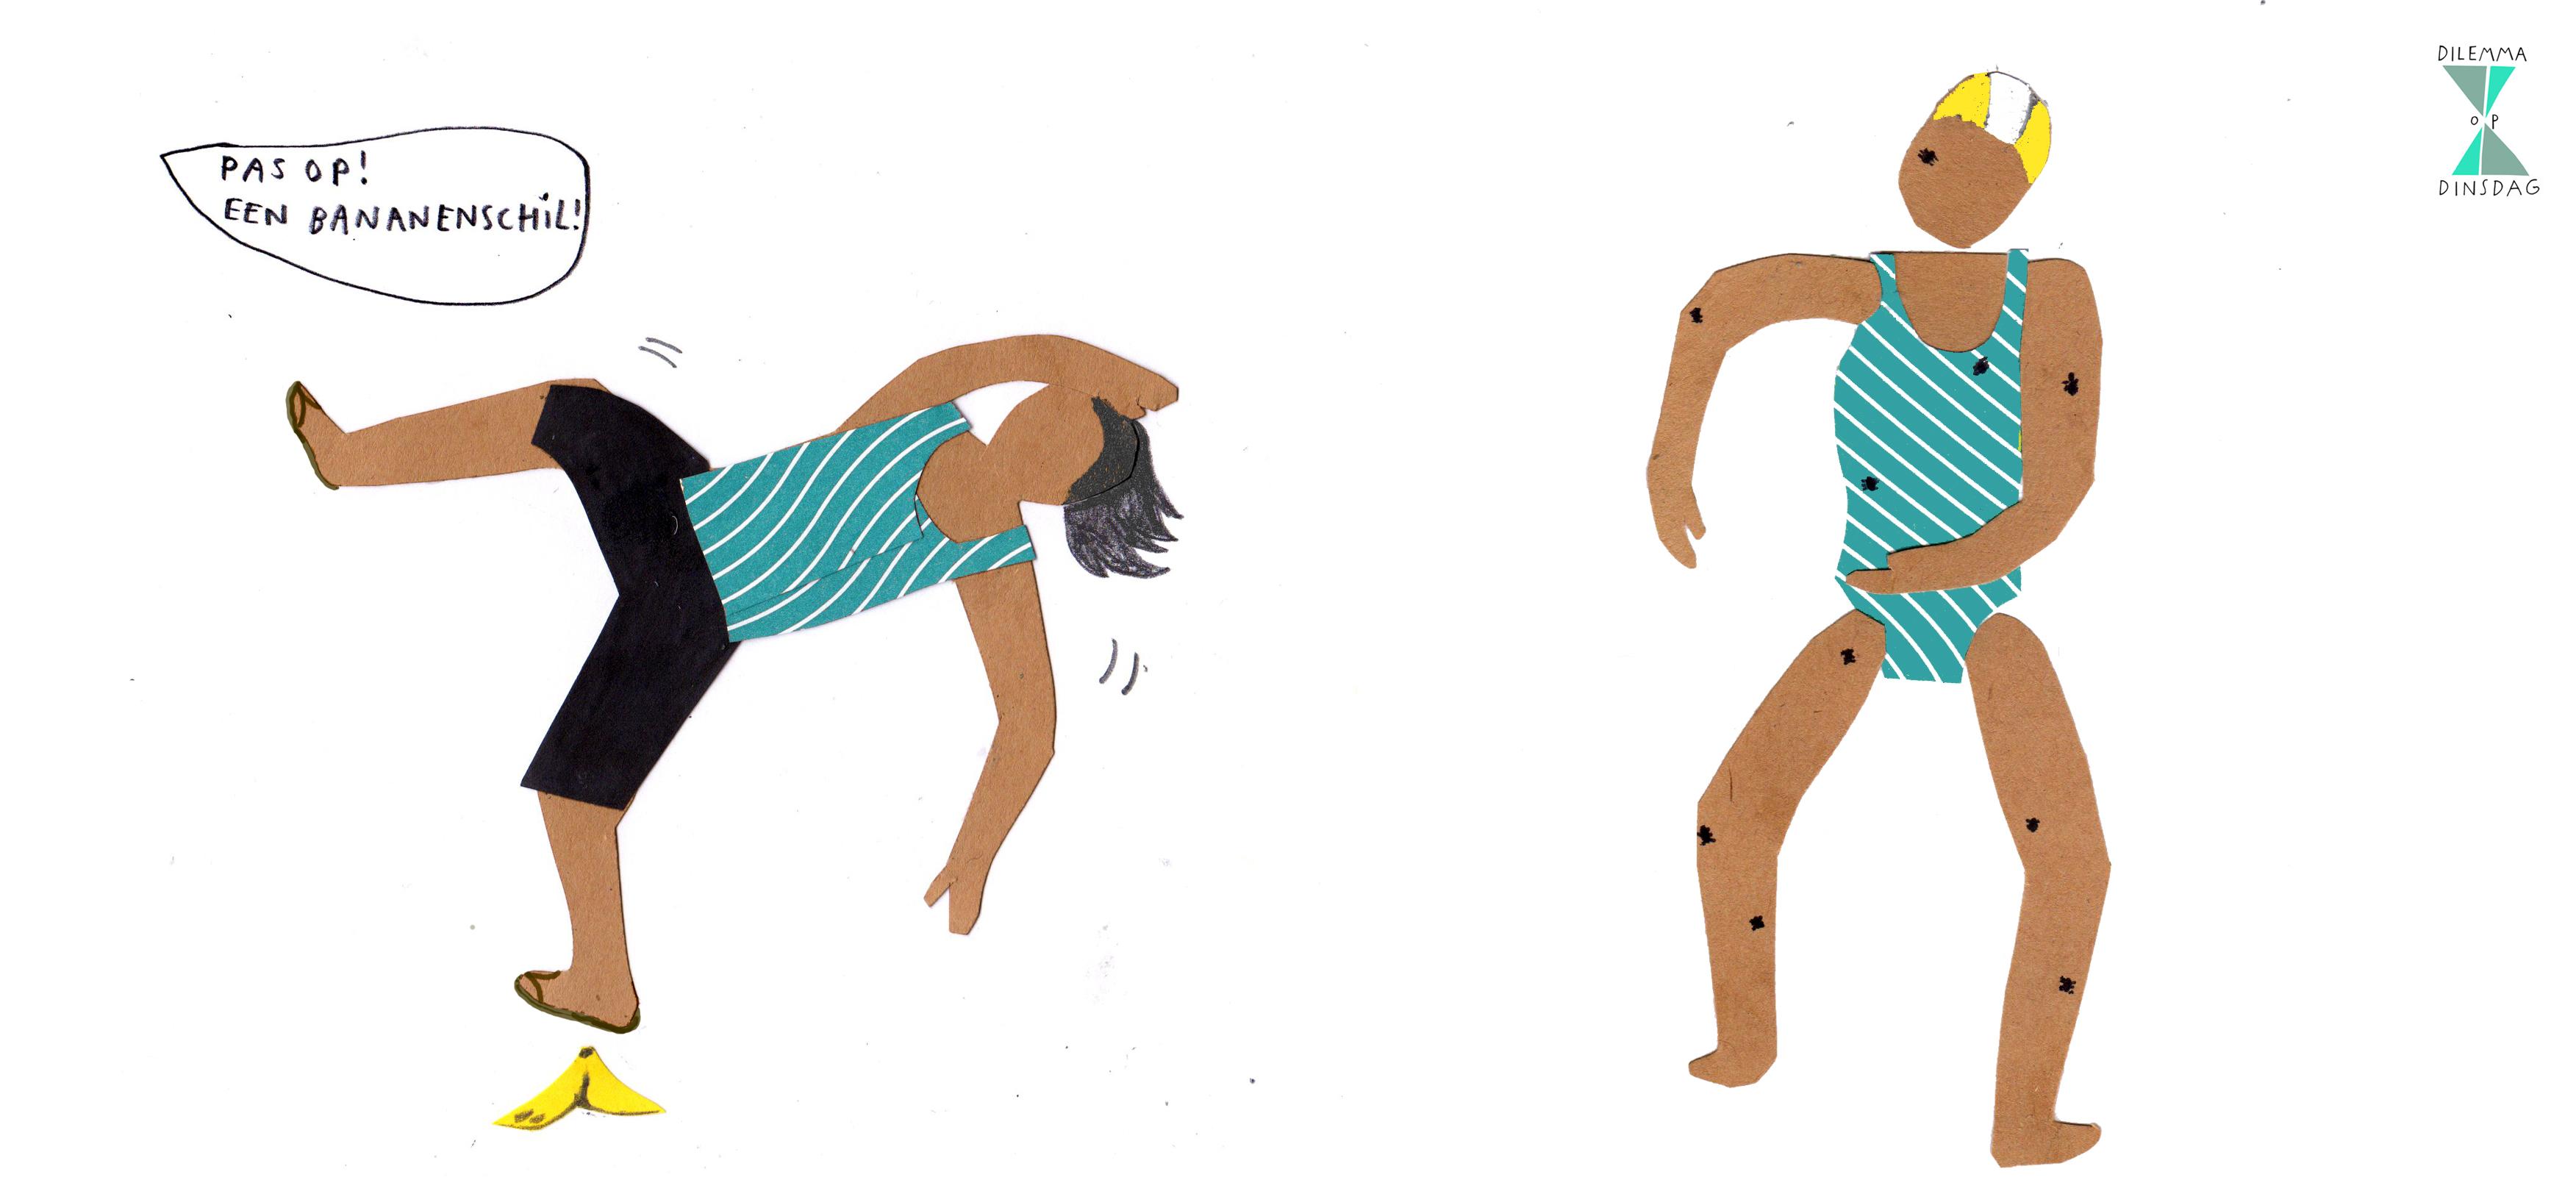 #392 je hoort in elk gesprek de ander met 10 seconden vertraging -OF- er lopen altijd 10 mieren over je lichaam